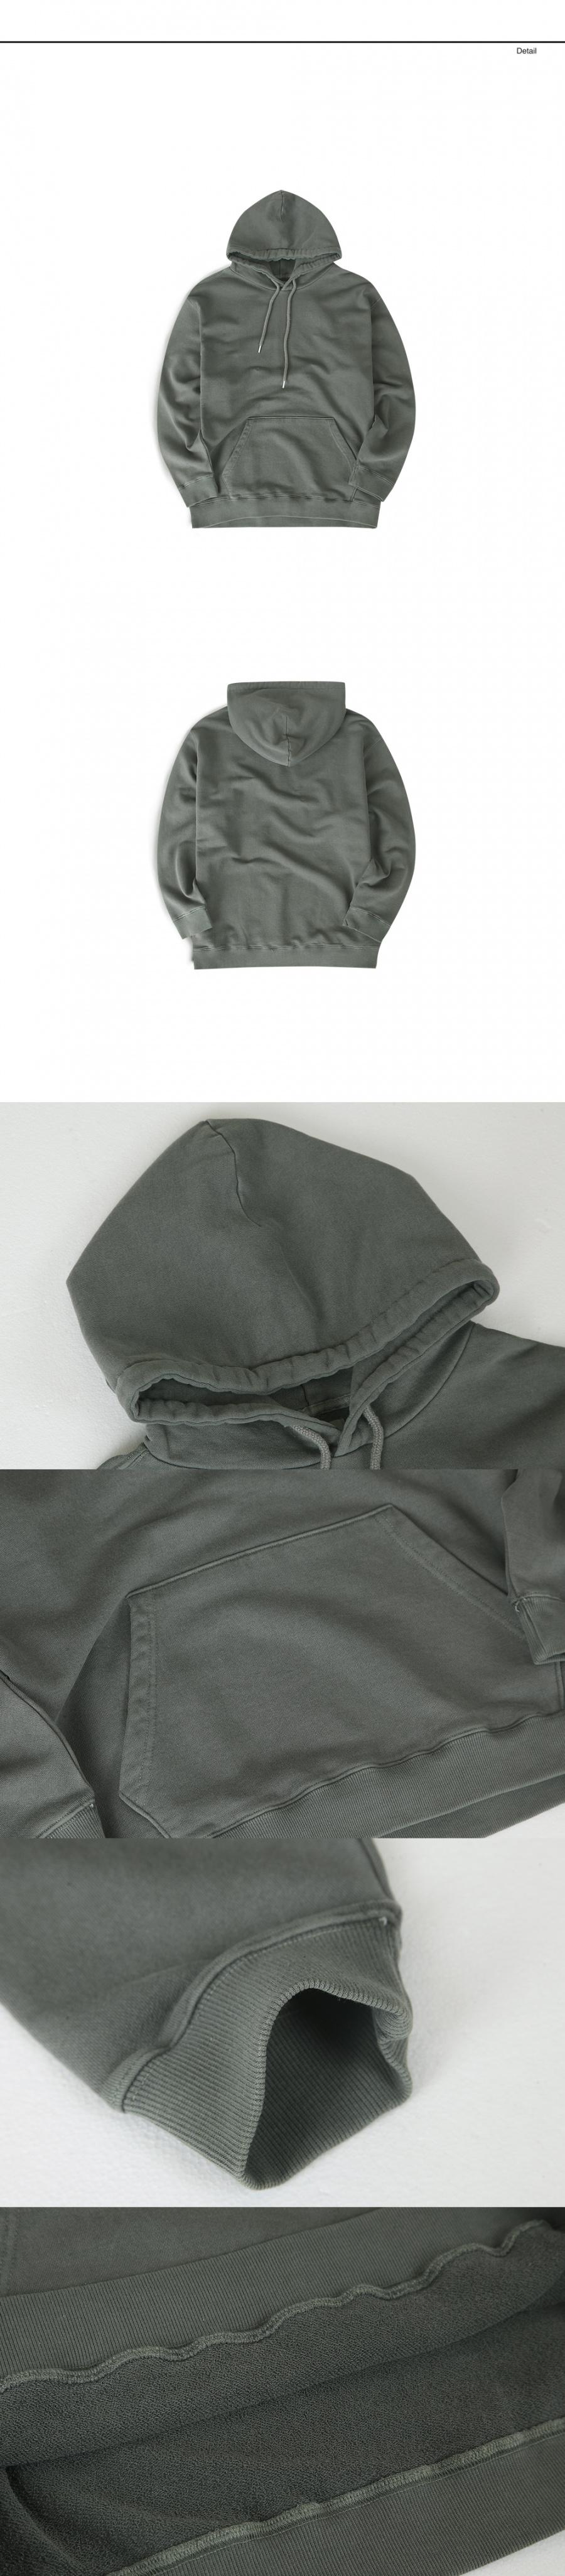 랩12(LAB12) 19S/S 오버핏 후드 스웻셔츠 (피그먼트카키)